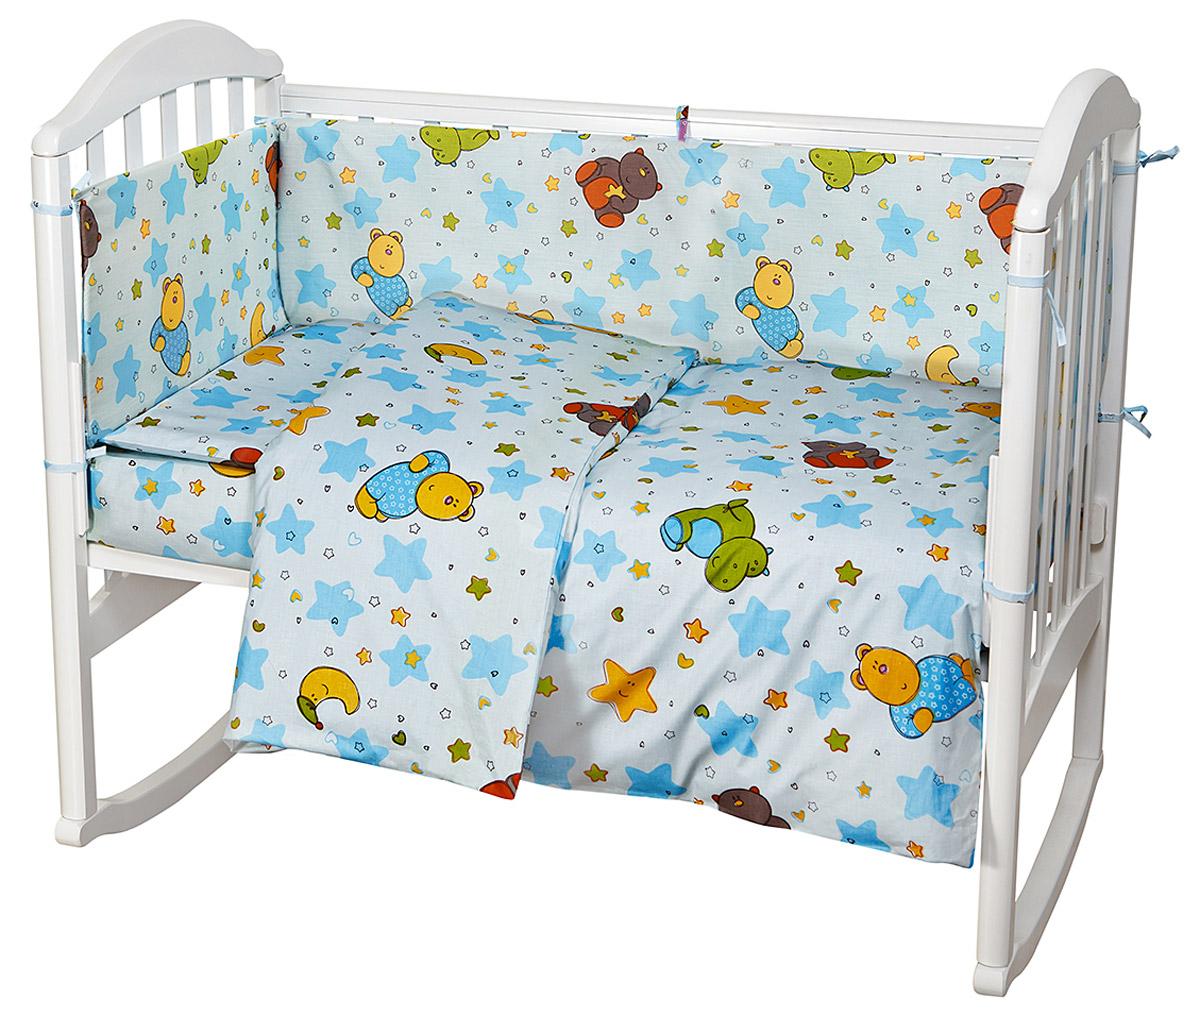 Baby Nice Детский комплект в кроватку Звездопад (КПБ, бязь, наволочка 40х60), цвет: голубой531-326Комплект в кроватку Baby Nice Звездопад для самых маленьких изготовлен только из самой качественной ткани, самой безопасной и гигиеничной, самой экологичной и гипоаллергенной. Отлично подходит для кроваток малышей, которые часто двигаются во сне. Хлопковое волокно прекрасно переносит стирку, быстро сохнет и не требует особого ухода, не линяет и не вытягивается. Ткань прошла специальную обработку по умягчению, что сделало её невероятно мягкой и приятной к телу. Комплект создаст дополнительный комфорт и уют ребенку. Родителям не составит особого труда ухаживать за комплектом. Он превосходно стирается, легко гладится. Ваш малыш будет в восторге от такого необыкновенного постельного набора! В комплект входит: одеяло, пододеяльник, подушка, наволочка, простынь на резинке, 4 борта.